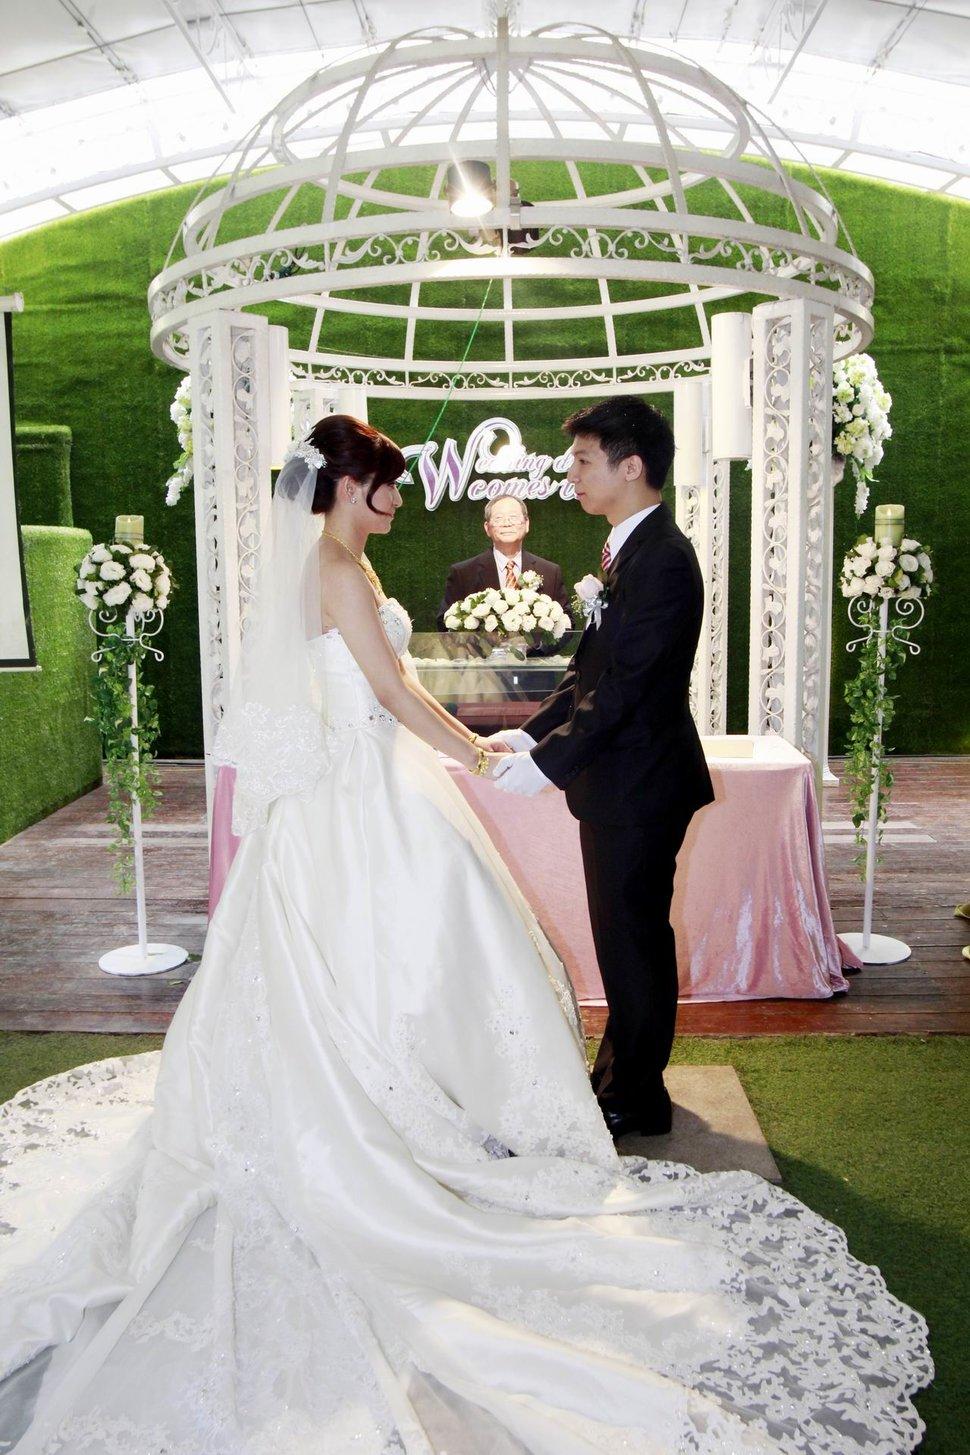 青青食尚花園會館婚禮記錄結婚迎娶婚禮記錄動態微電影錄影專業錄影平面攝影婚紗攝攝影婚禮主持人(編號:196751) - 蜜月拍照10800錄影12800攝影團隊 - 結婚吧